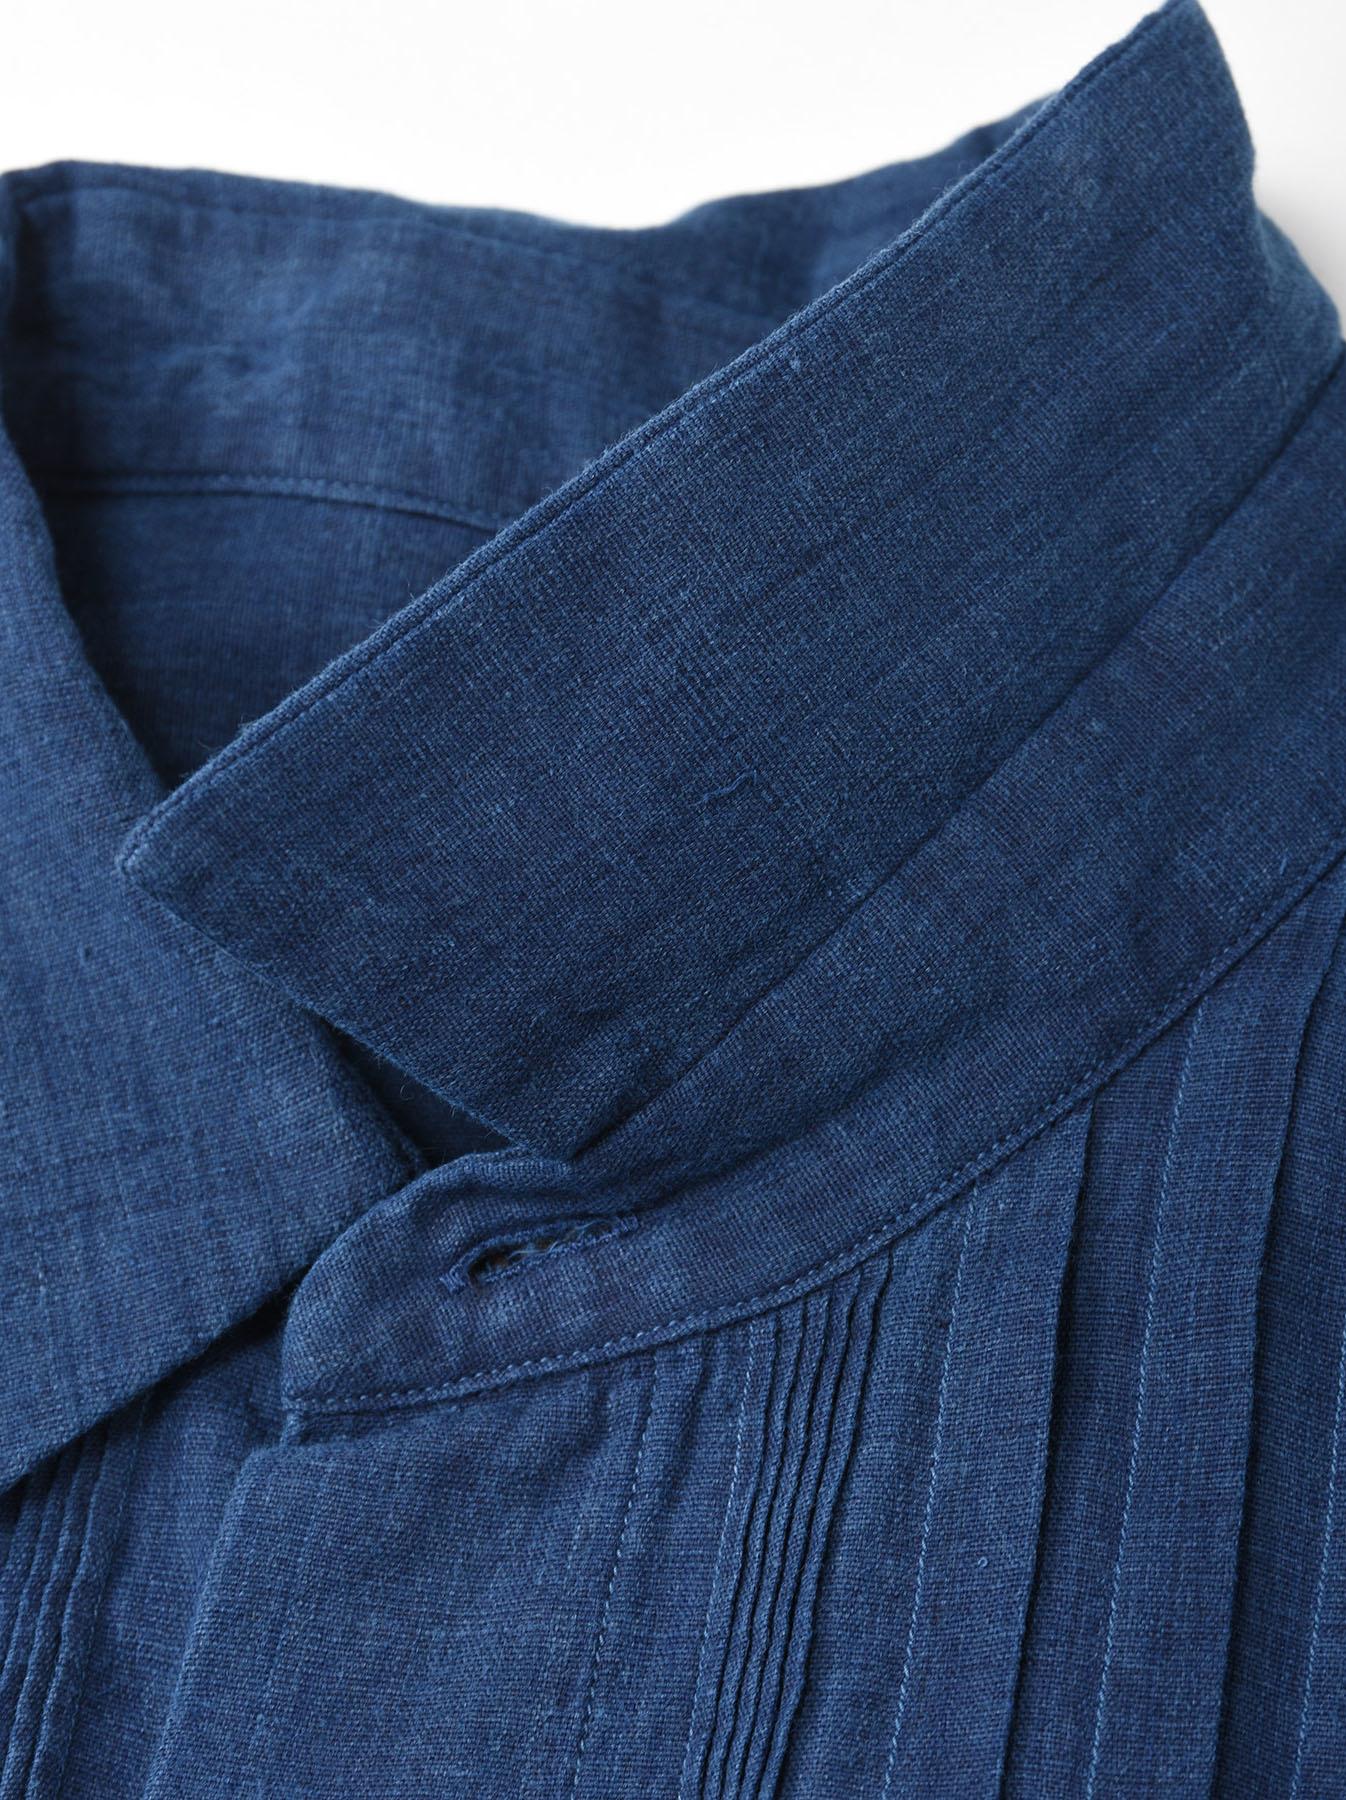 Ai Khadi Pin-tuck Shirt-7